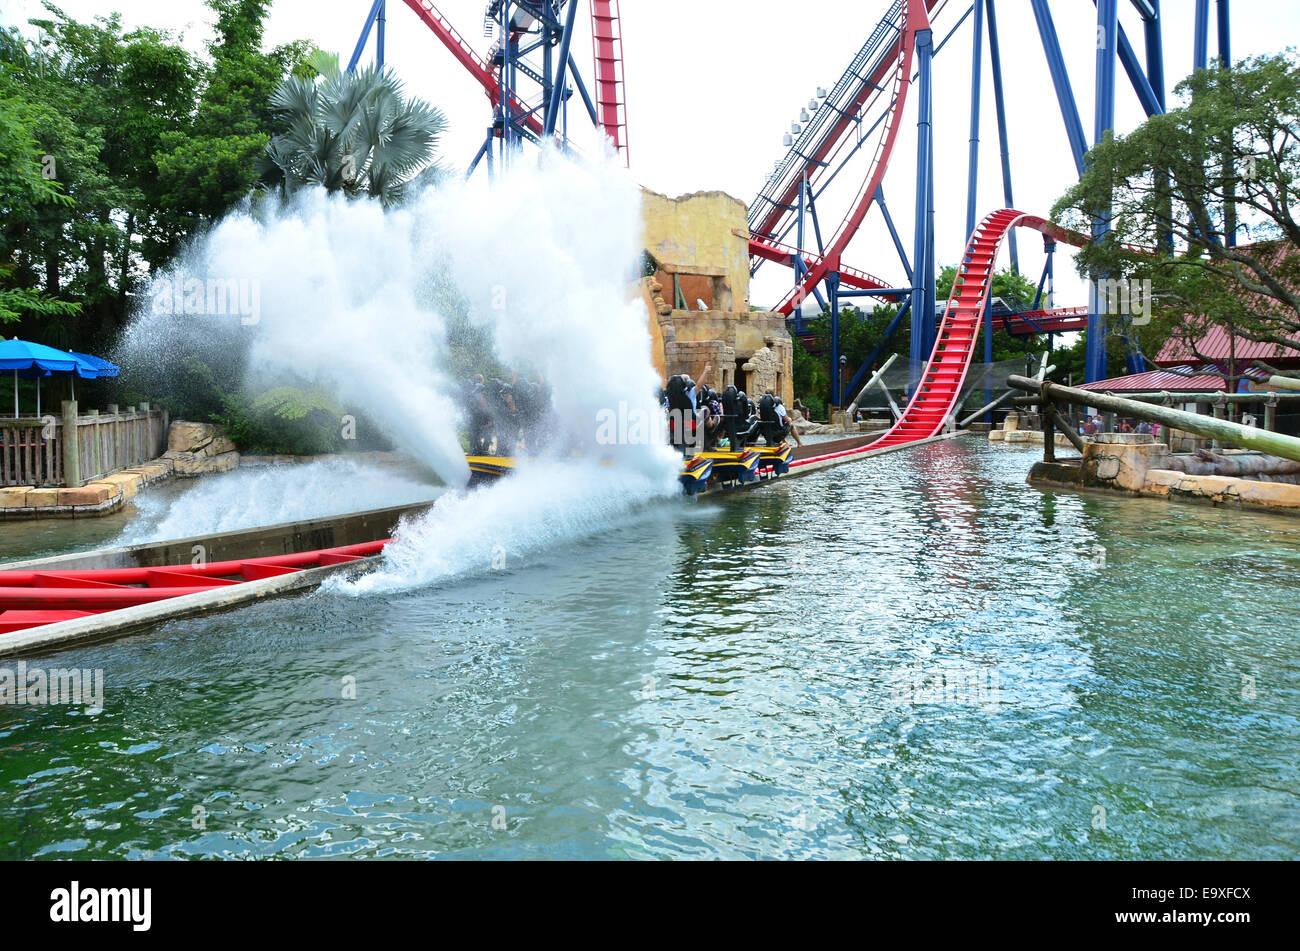 SheiKra Roller Coaster Ride At Busch Gardens, Tampa, Florida, USA